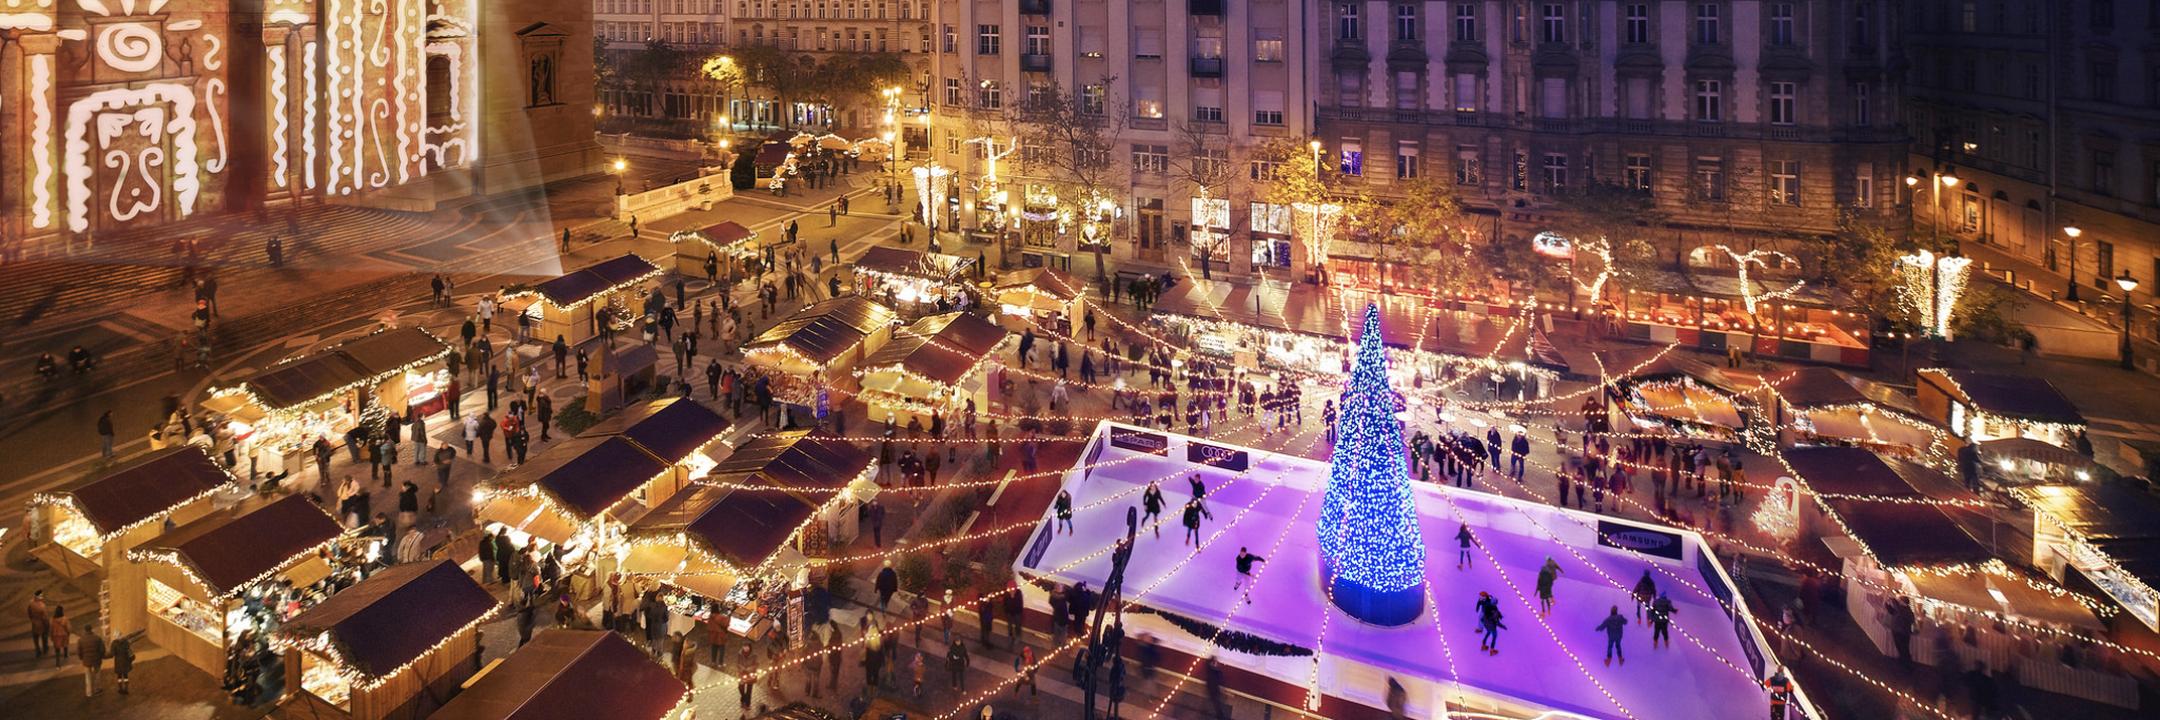 Este é o mercado de Natal mais bonito da Europa